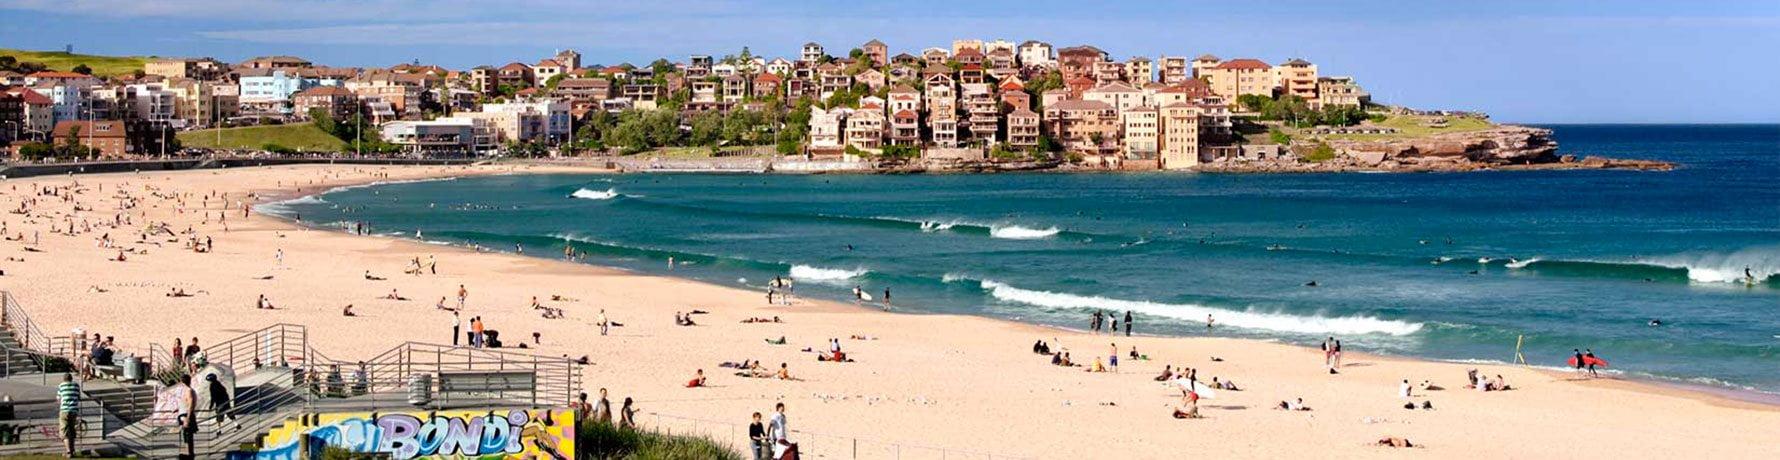 Motivi per scegliere di vivere a Bondi Beach